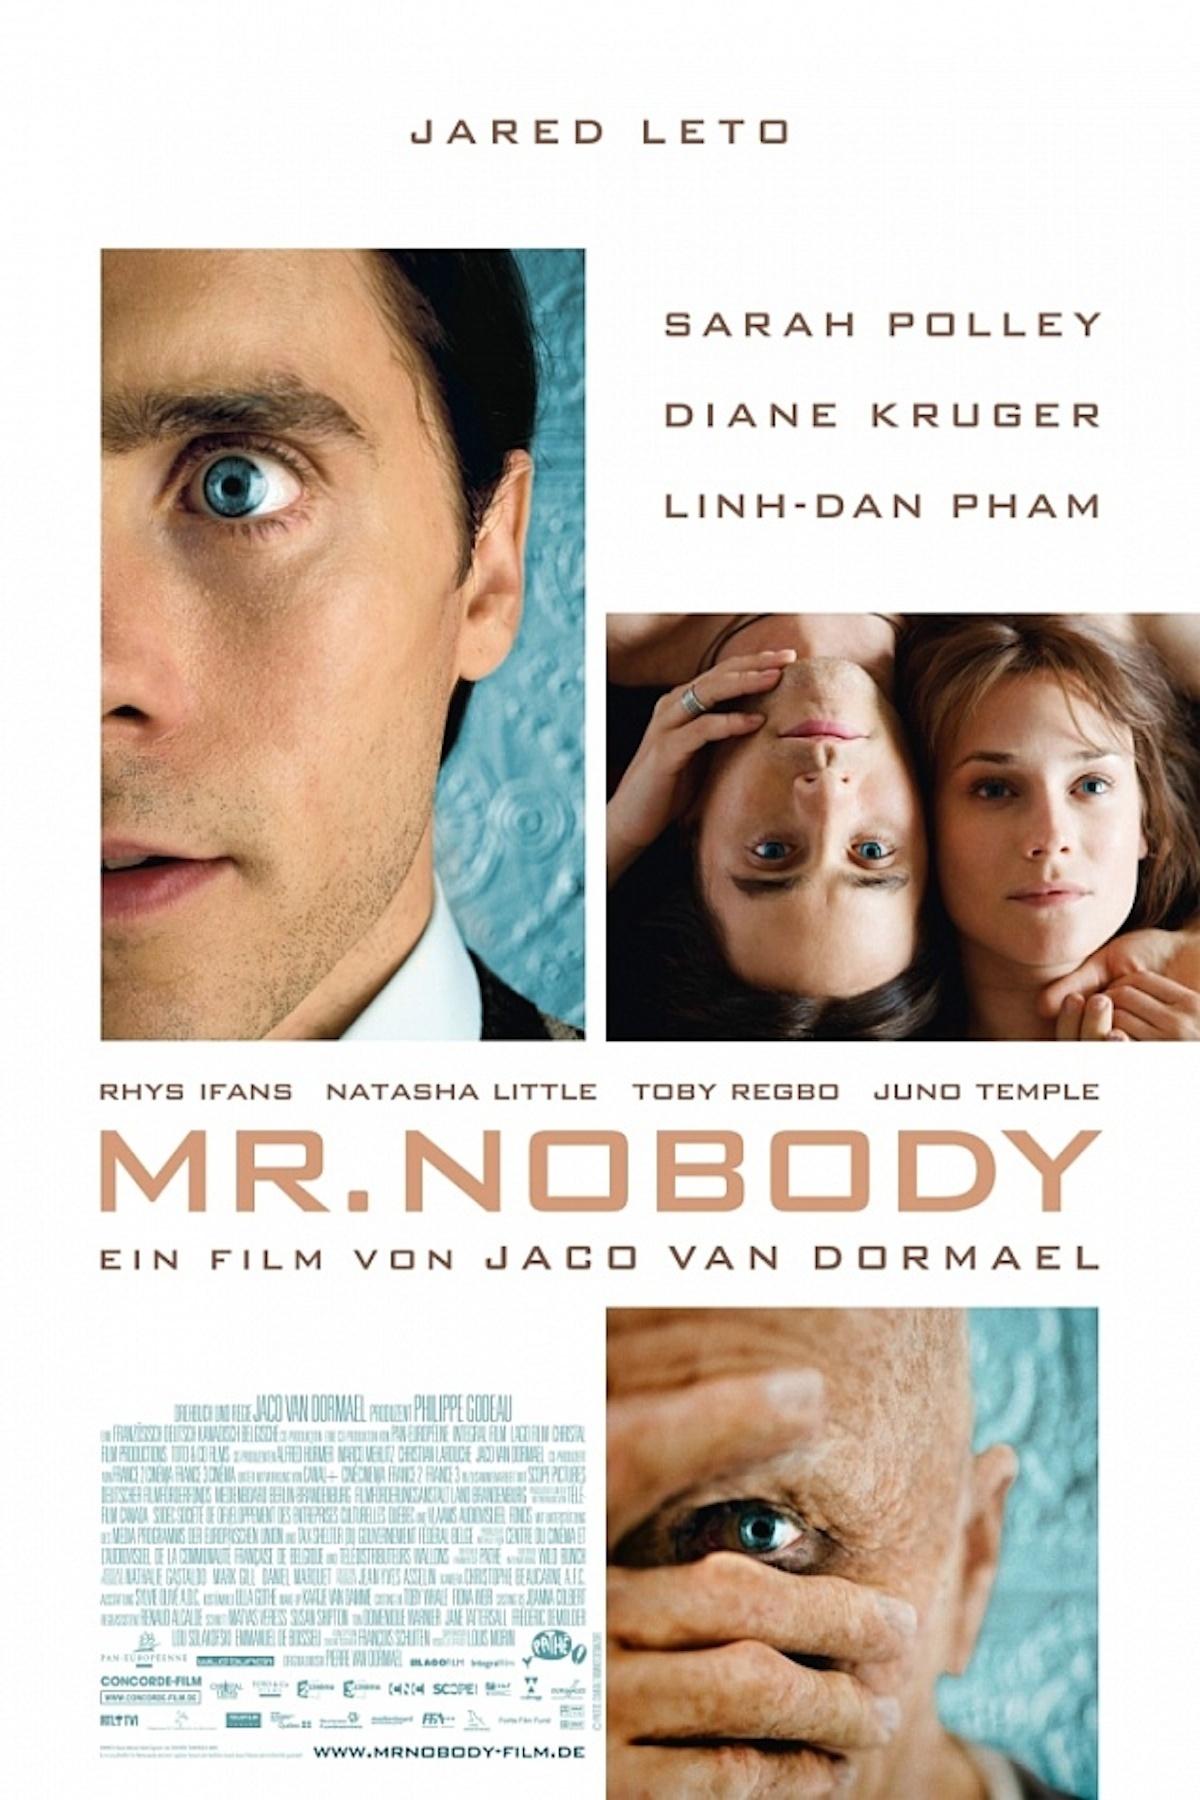 Lago Film - MrNobody.jpg